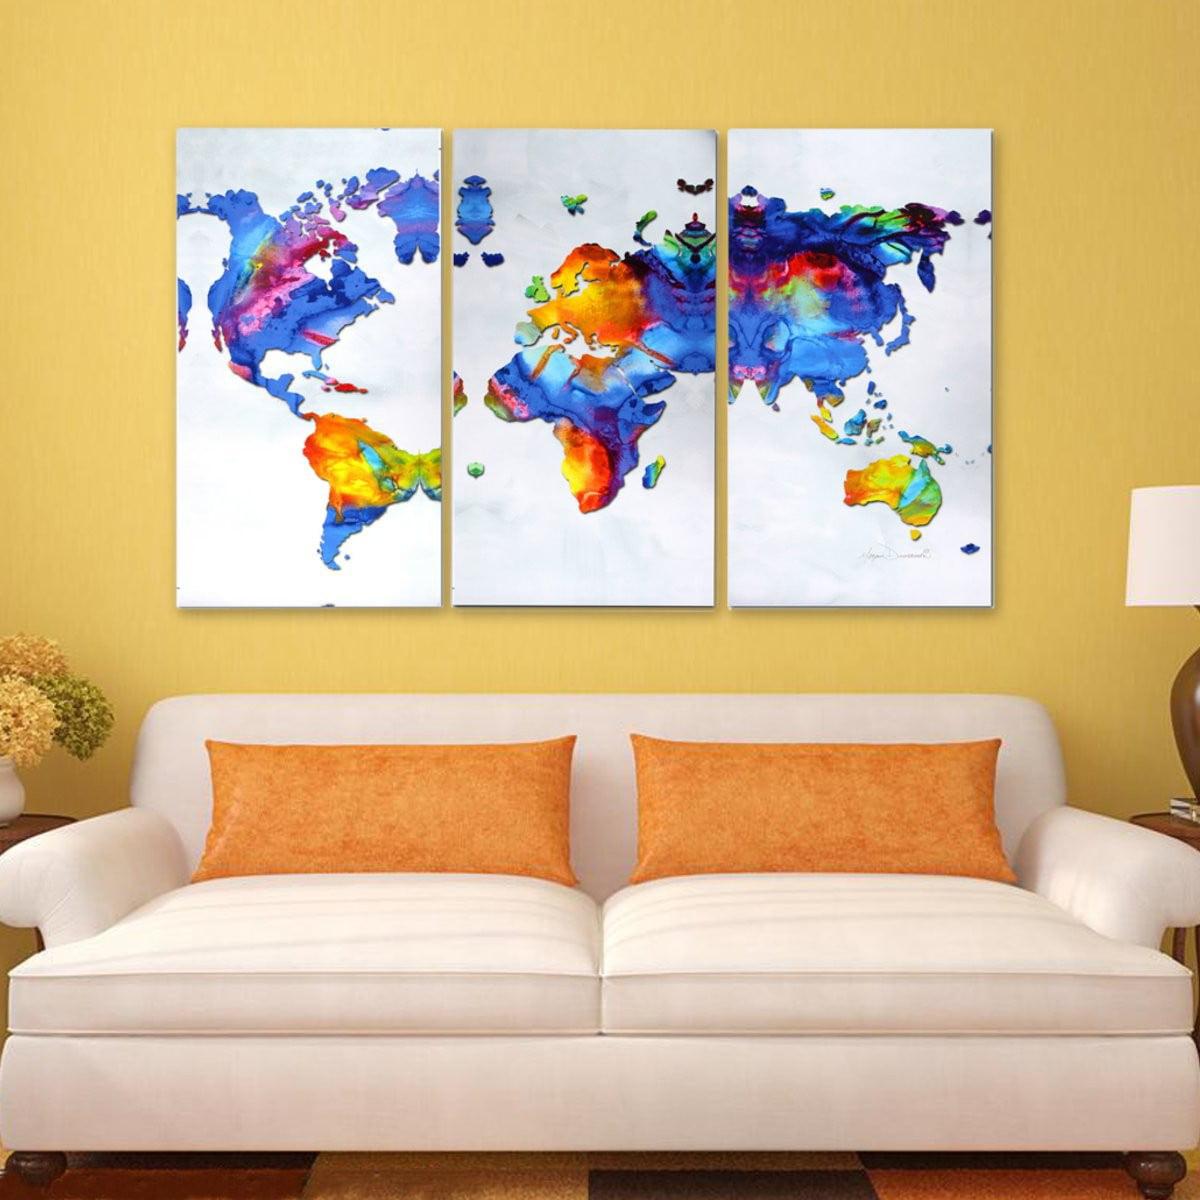 3 Piece Unframed World Map Modern HD Canvas Wall Art Print Pictures ...